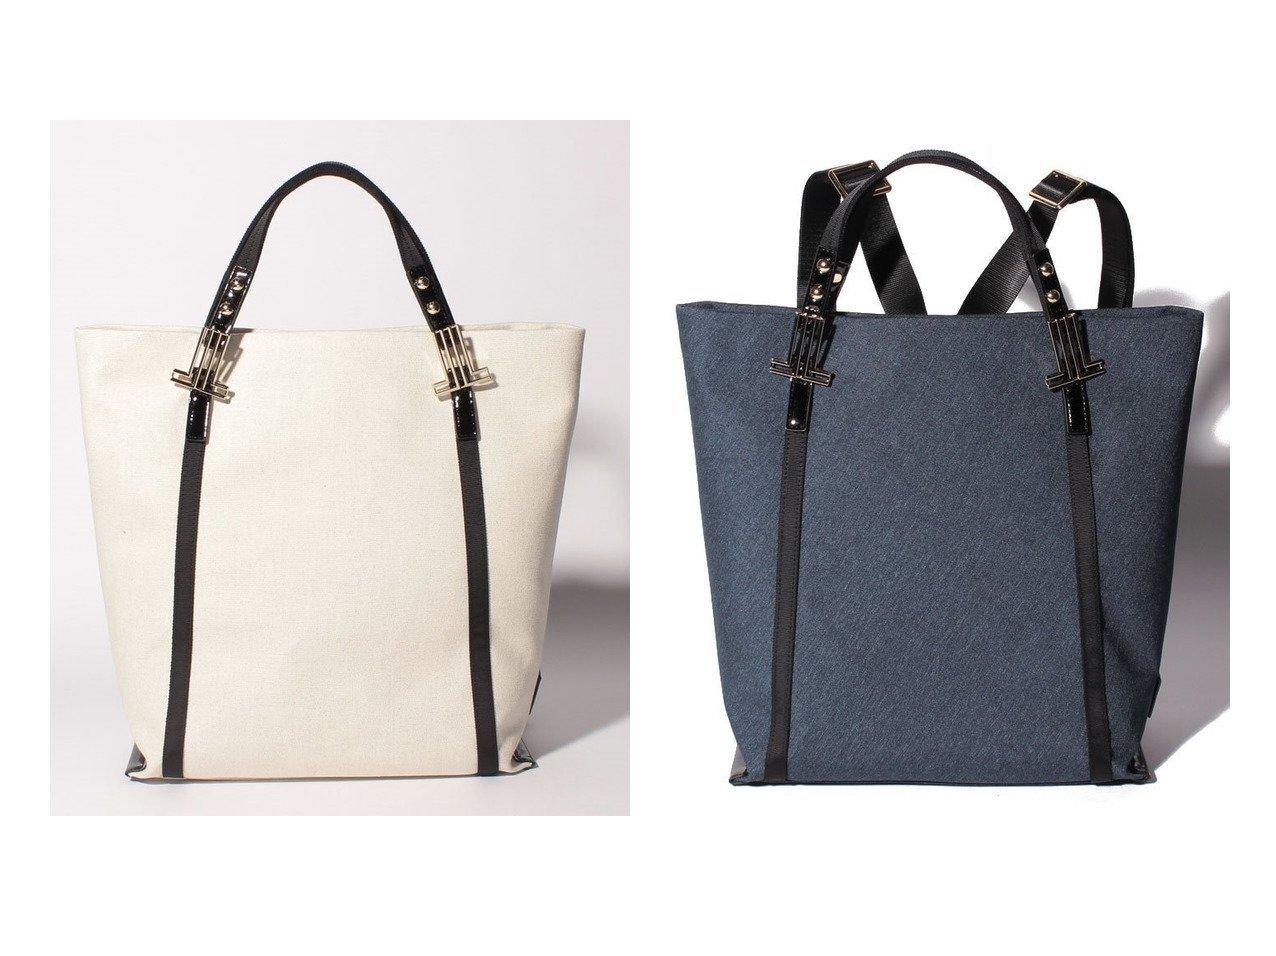 【LANVIN en Bleu/ランバン オン ブルー】のカレ 2wayリュックサック 【バッグ・鞄】おすすめ!人気、トレンド・レディースファッションの通販 おすすめで人気の流行・トレンド、ファッションの通販商品 インテリア・家具・メンズファッション・キッズファッション・レディースファッション・服の通販 founy(ファニー) https://founy.com/ ファッション Fashion レディースファッション WOMEN バッグ Bag ショルダー フェミニン ポケット ポーチ メタル モチーフ リボン リュック  ID:crp329100000055106